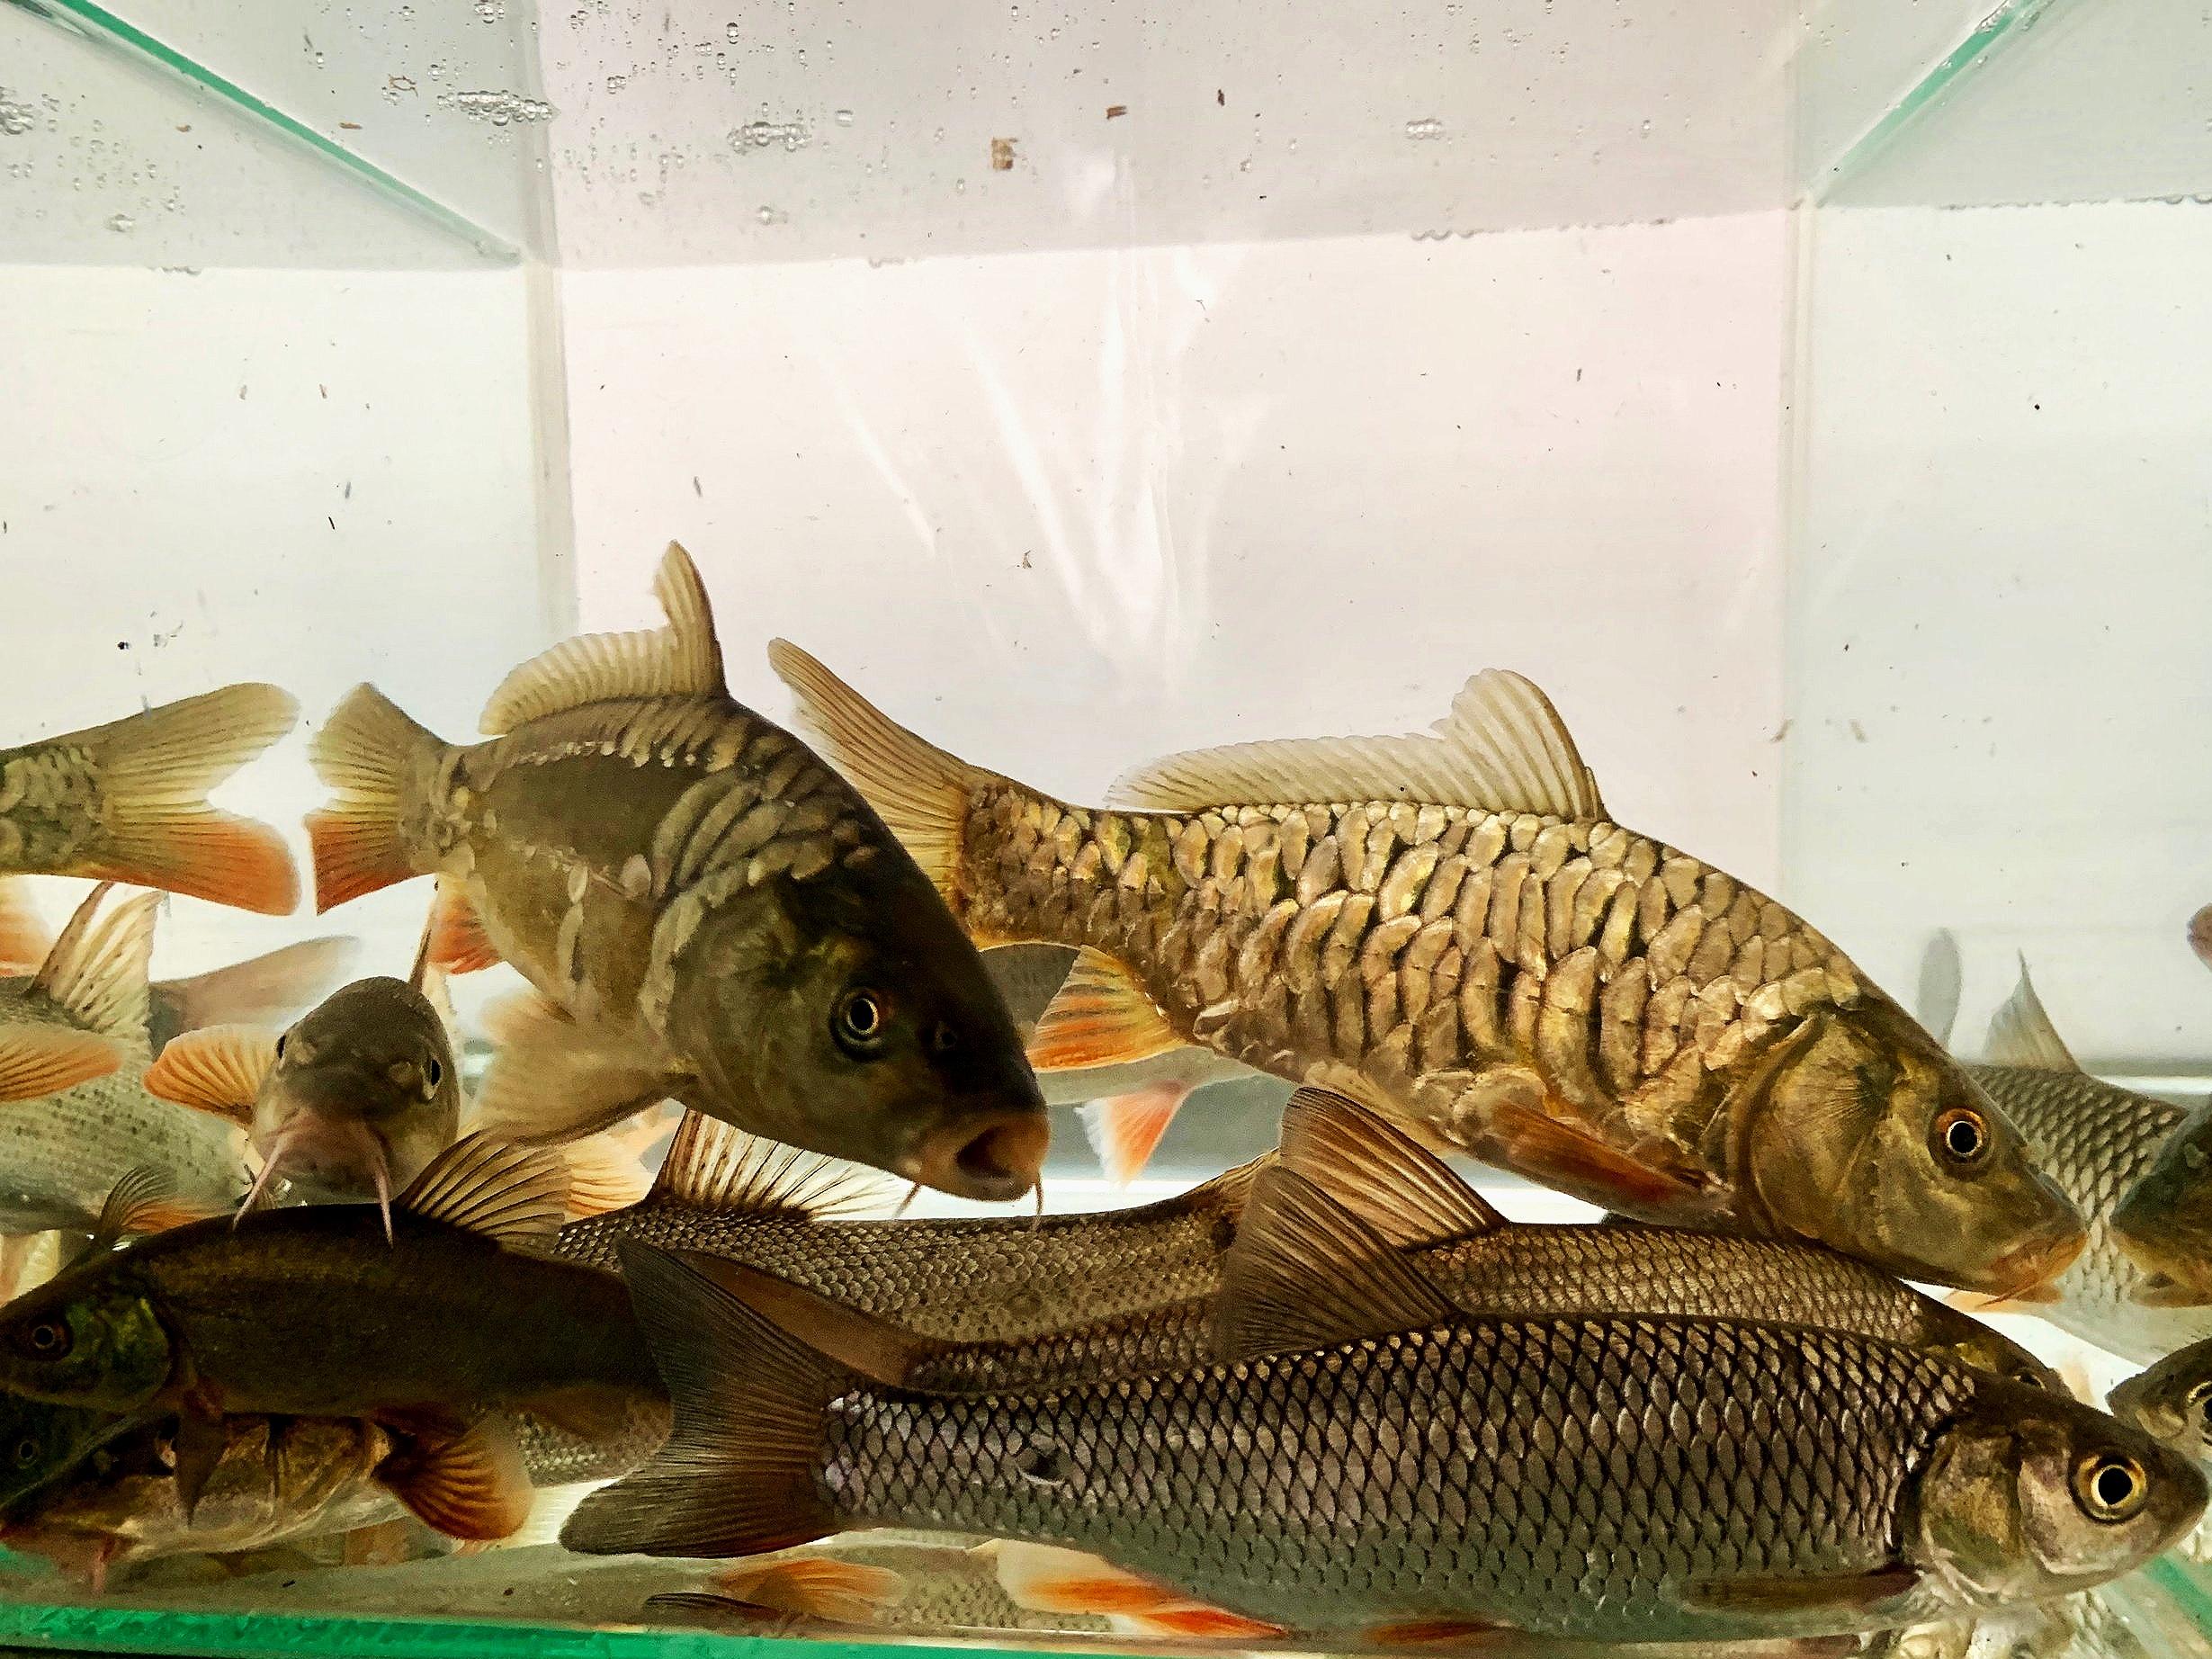 Mixed coarse fish